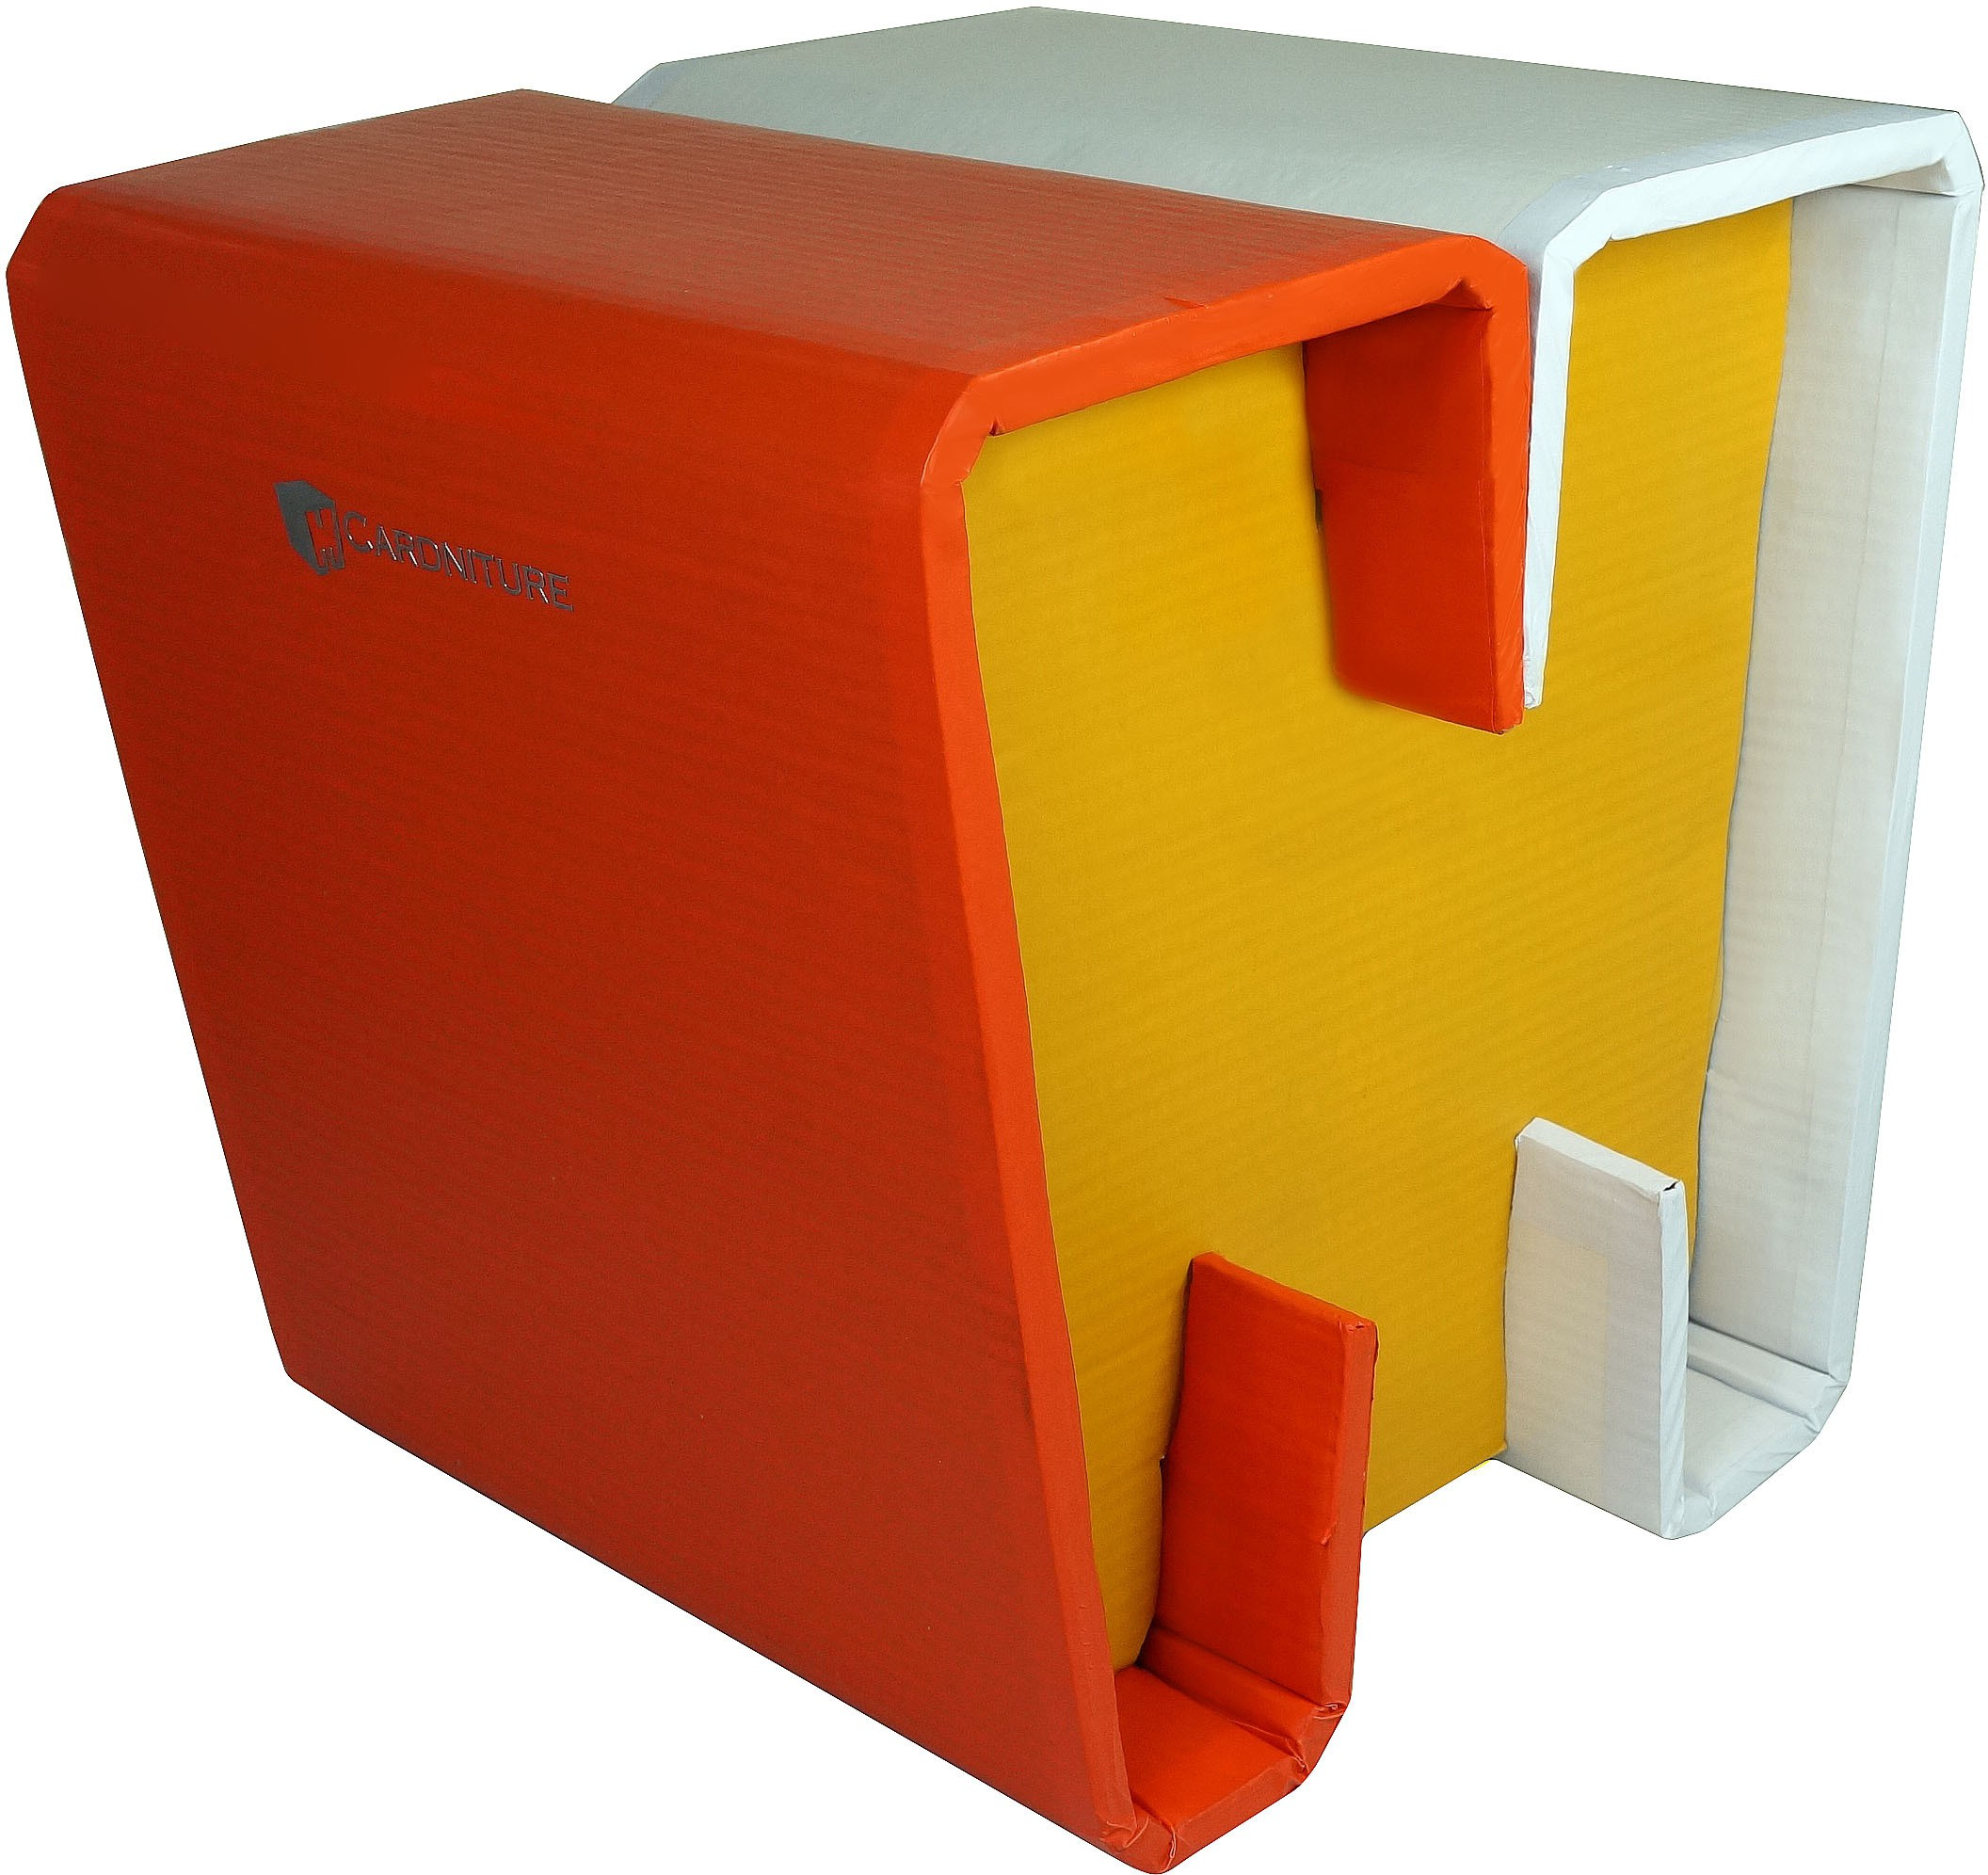 View Cardniture ZING Living & Bedroom Stool(Orange, Yellow, White) Furniture (Cardniture)